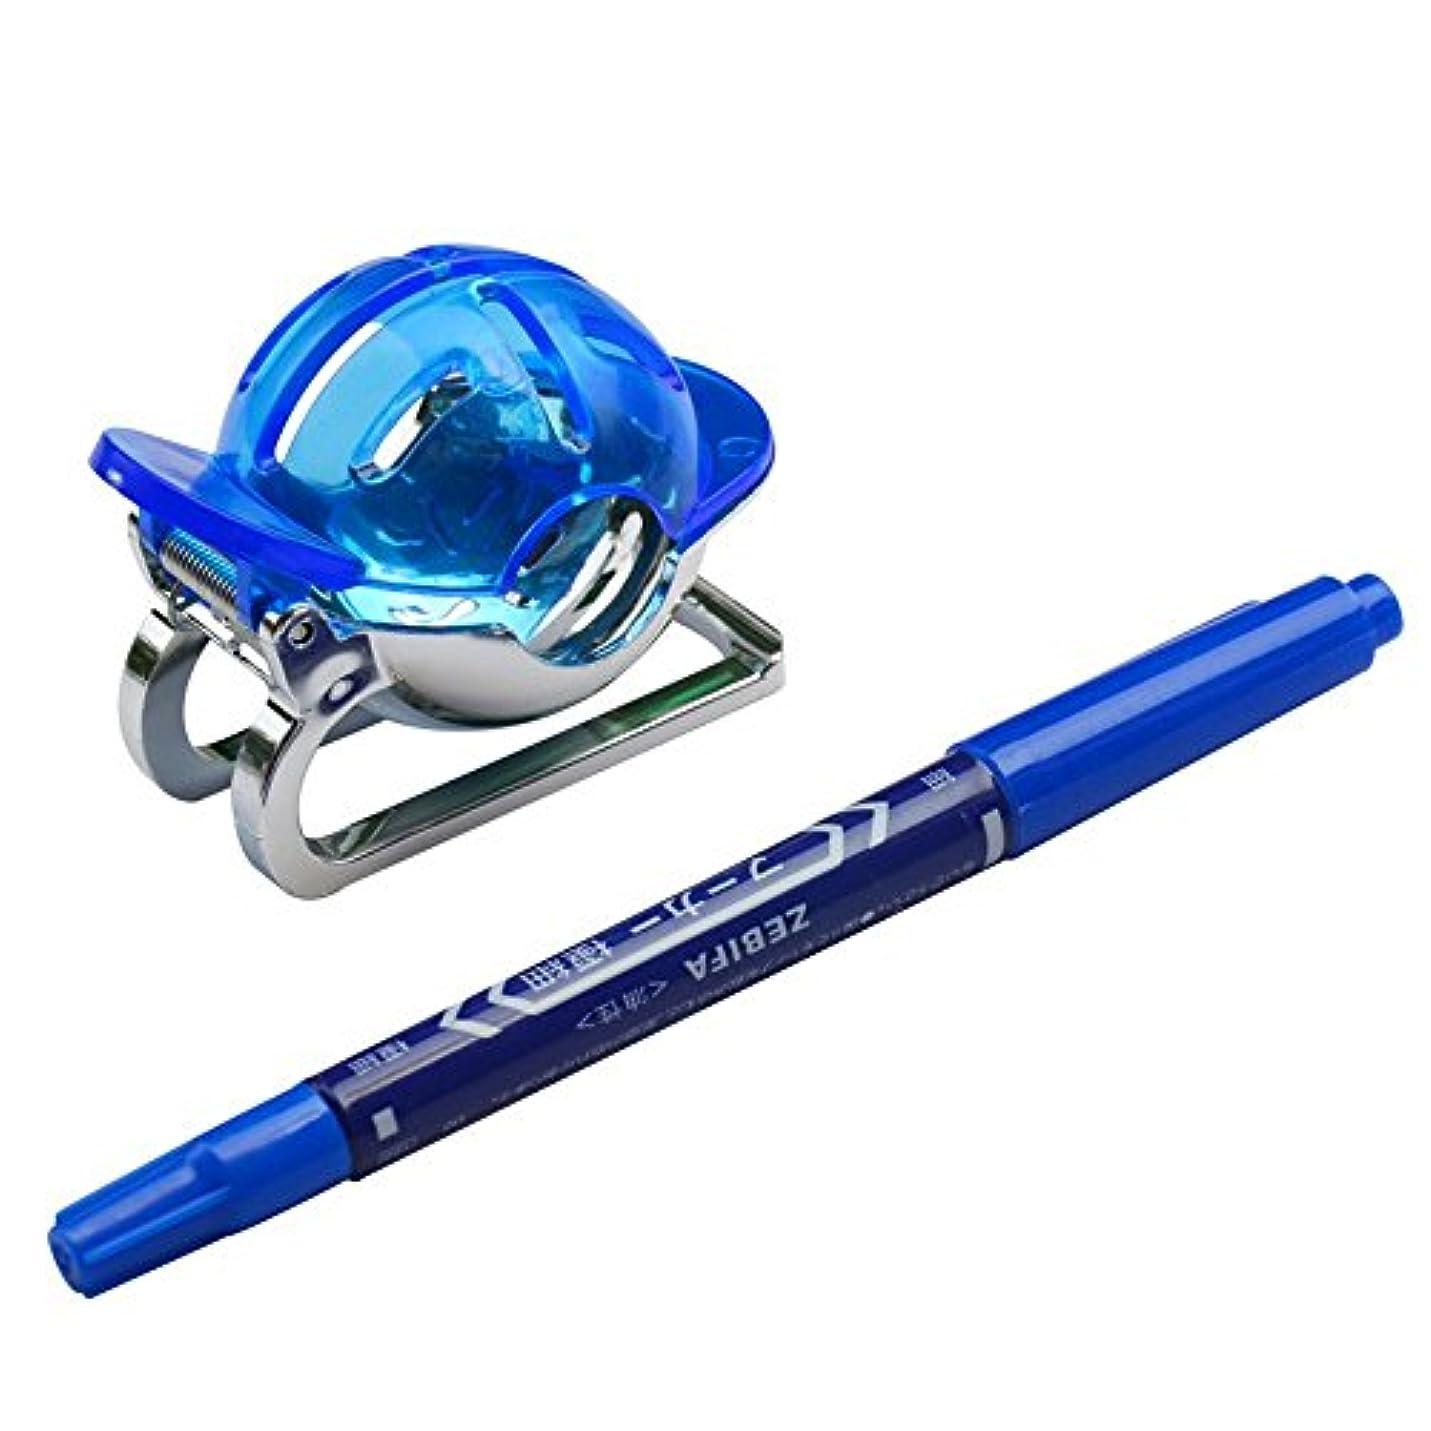 山岳分解する中傷Grandmart ゴルフ ボールラインマーカー マーカーペン付き  パッティング練習器 軽量 持ち運び便利